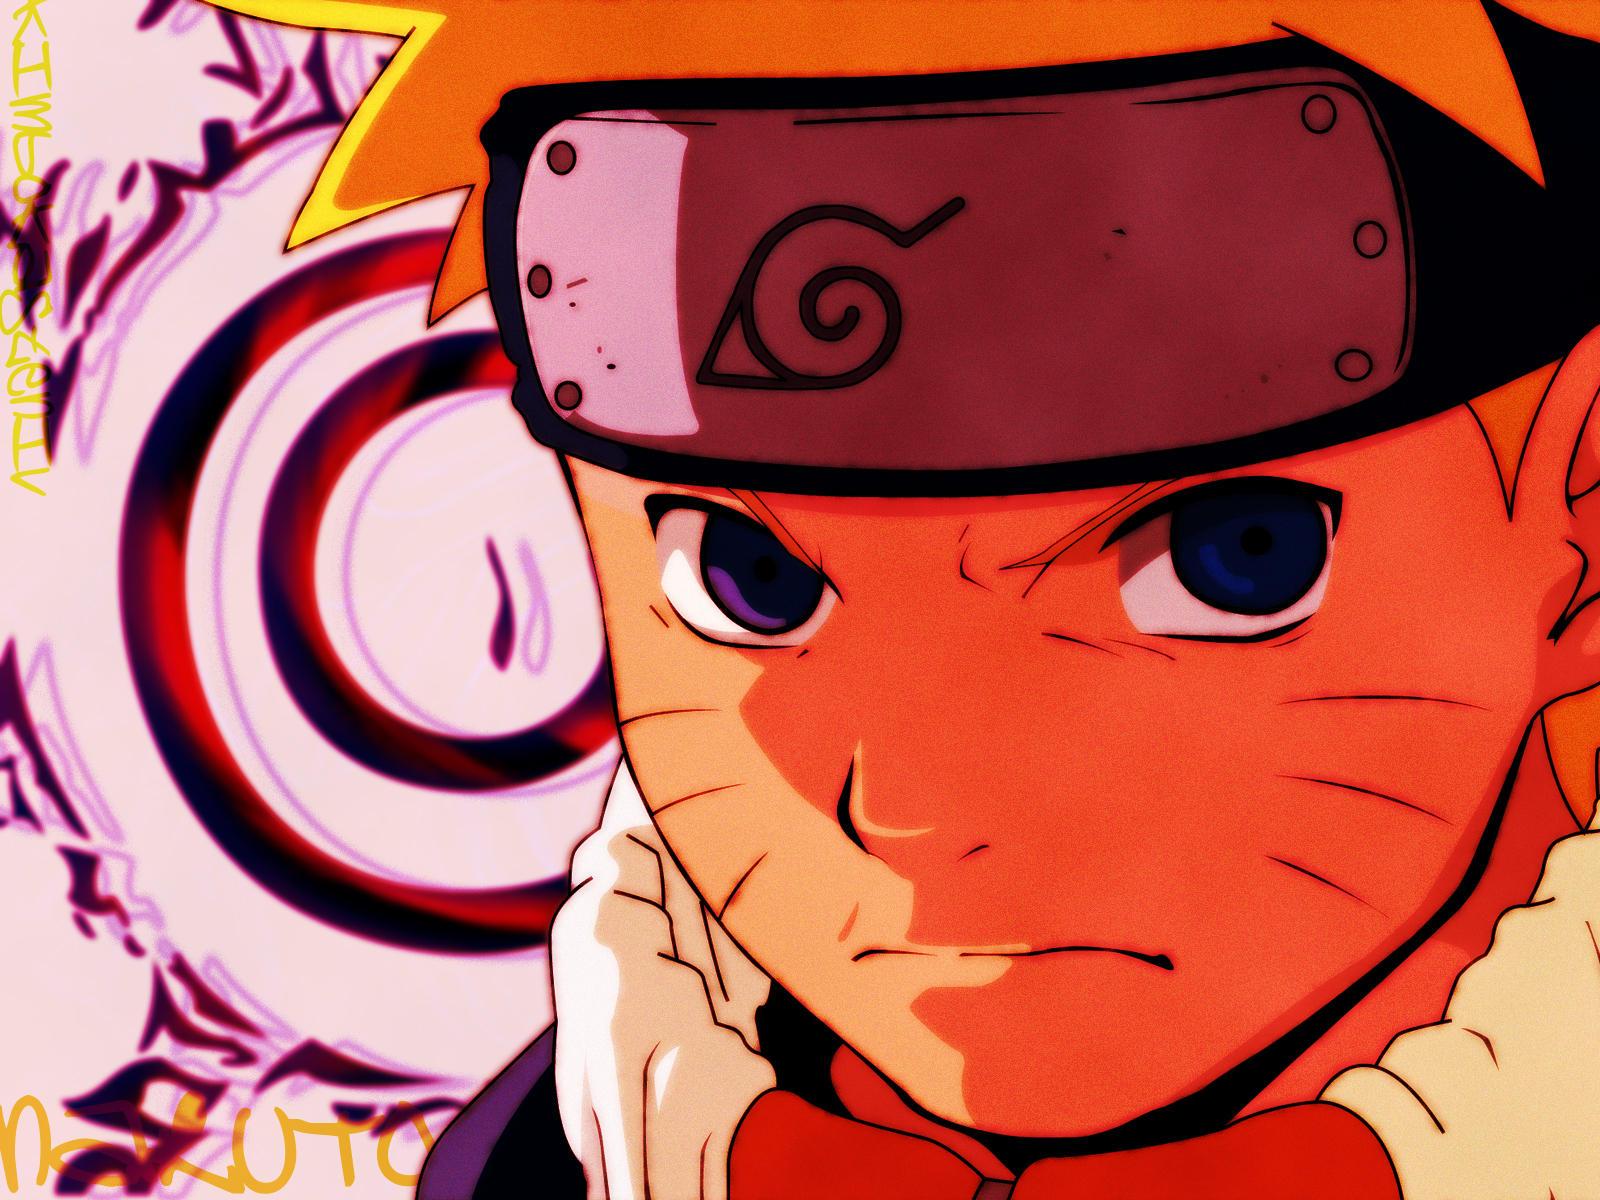 Naruto by kimbokasteniv